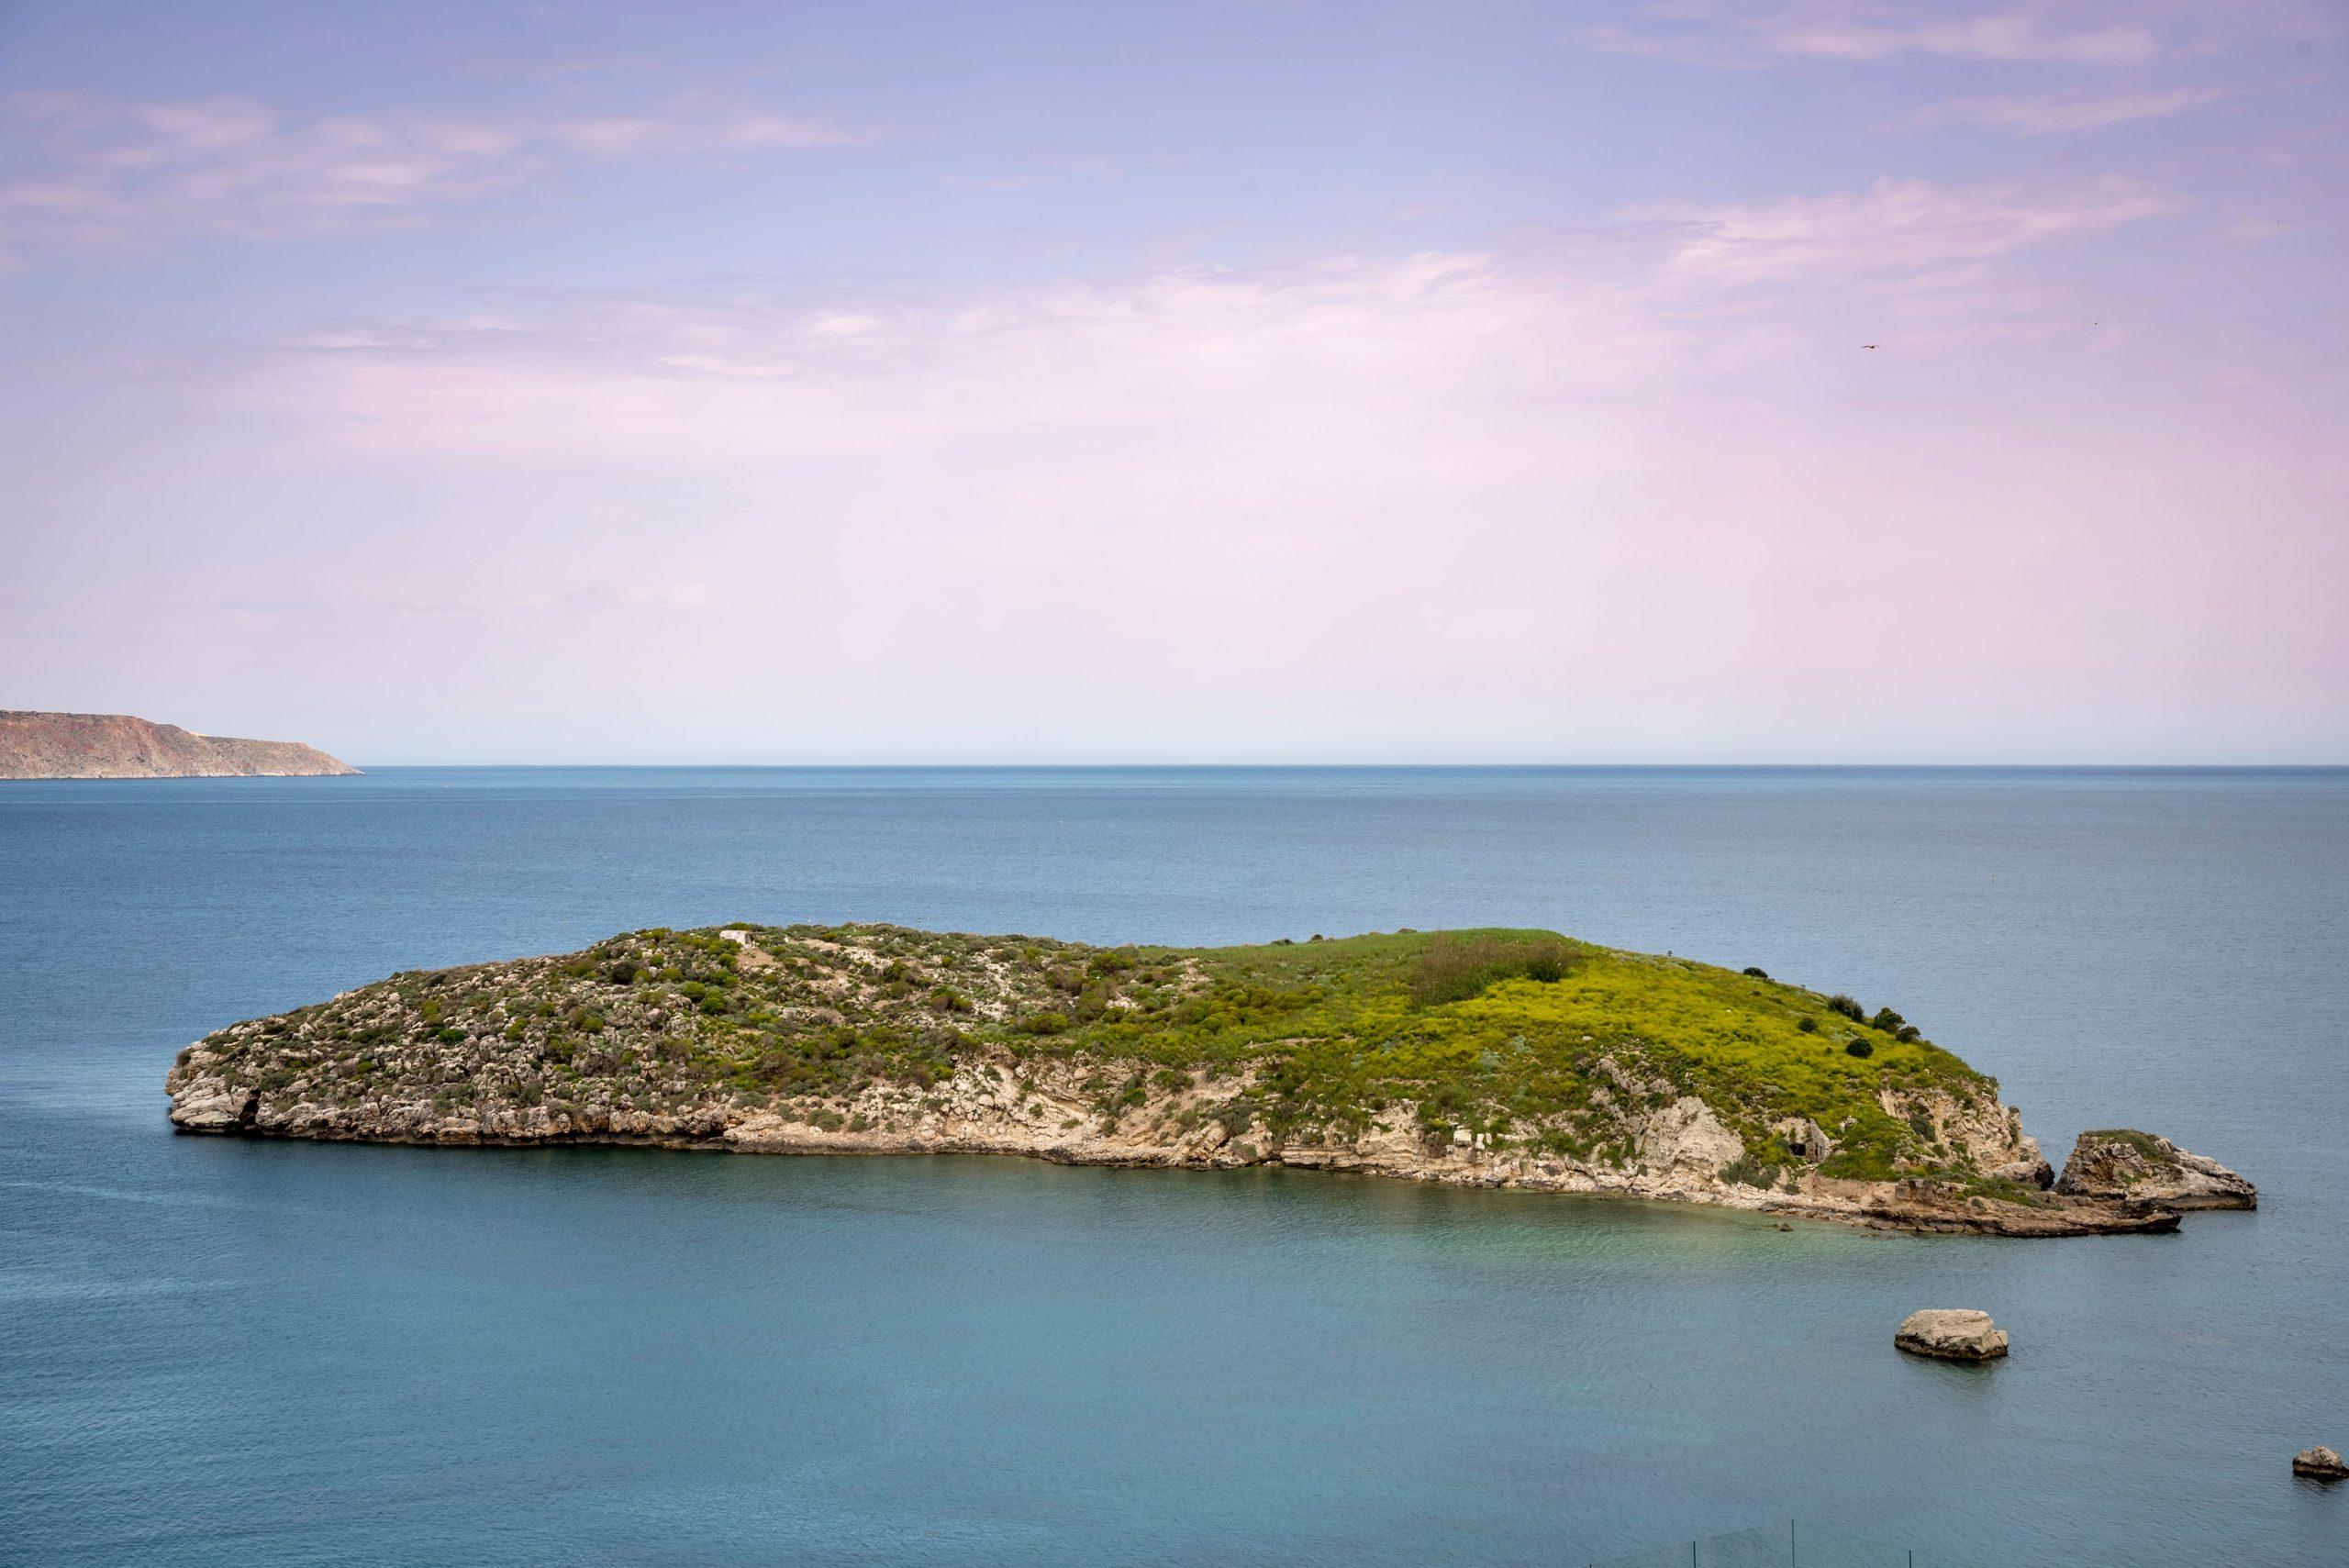 Almyrida small island -Almyrida Chania Crete